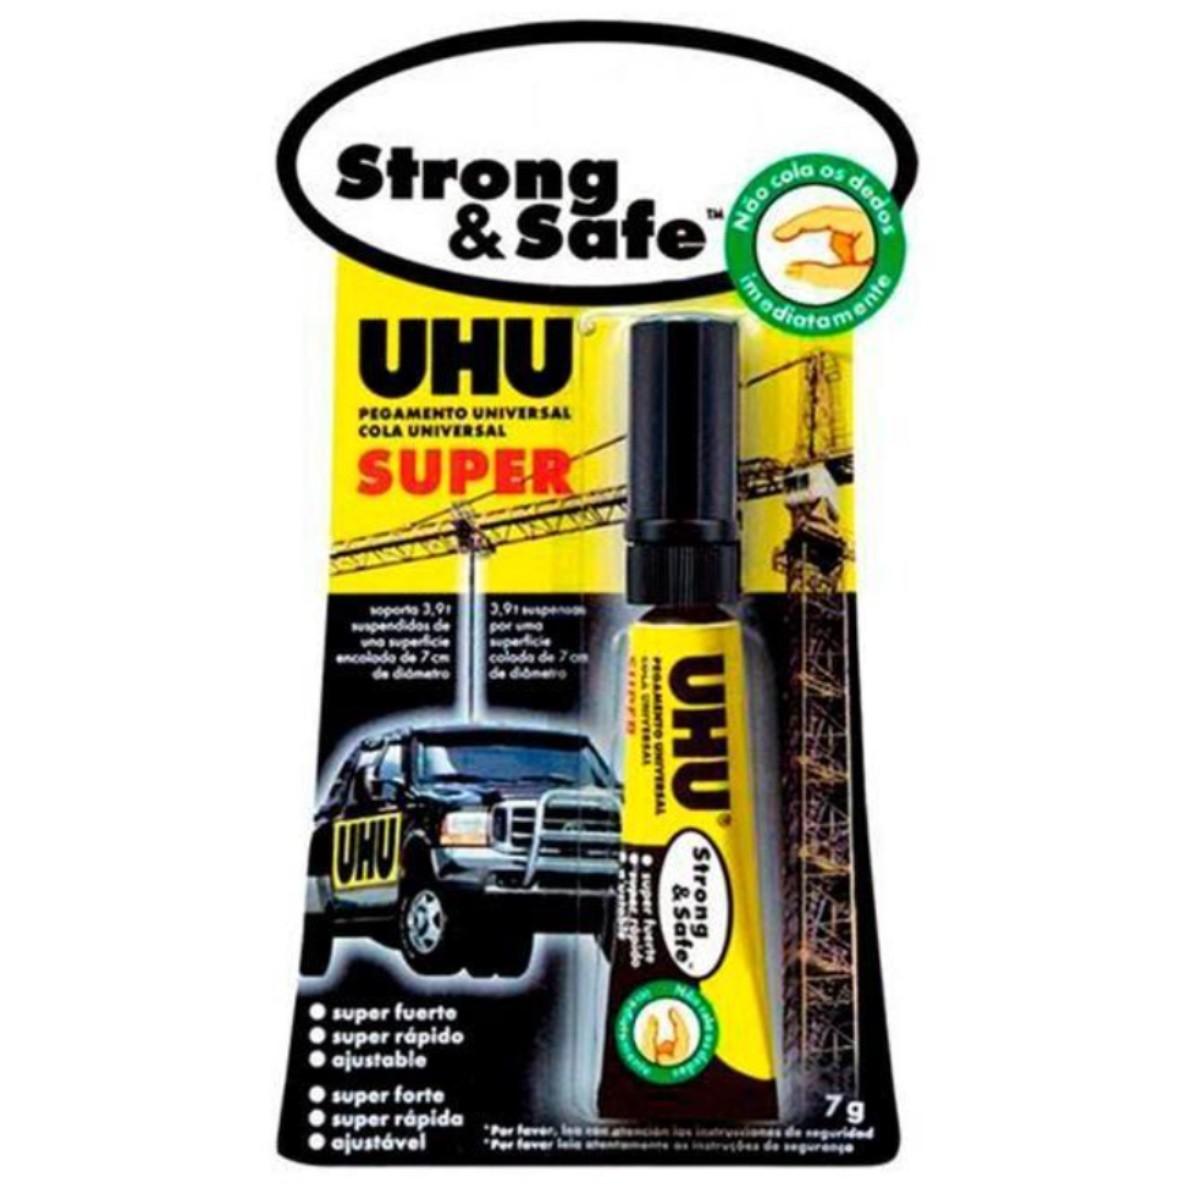 Cola Super Forte Strong & Safe UHU 7g